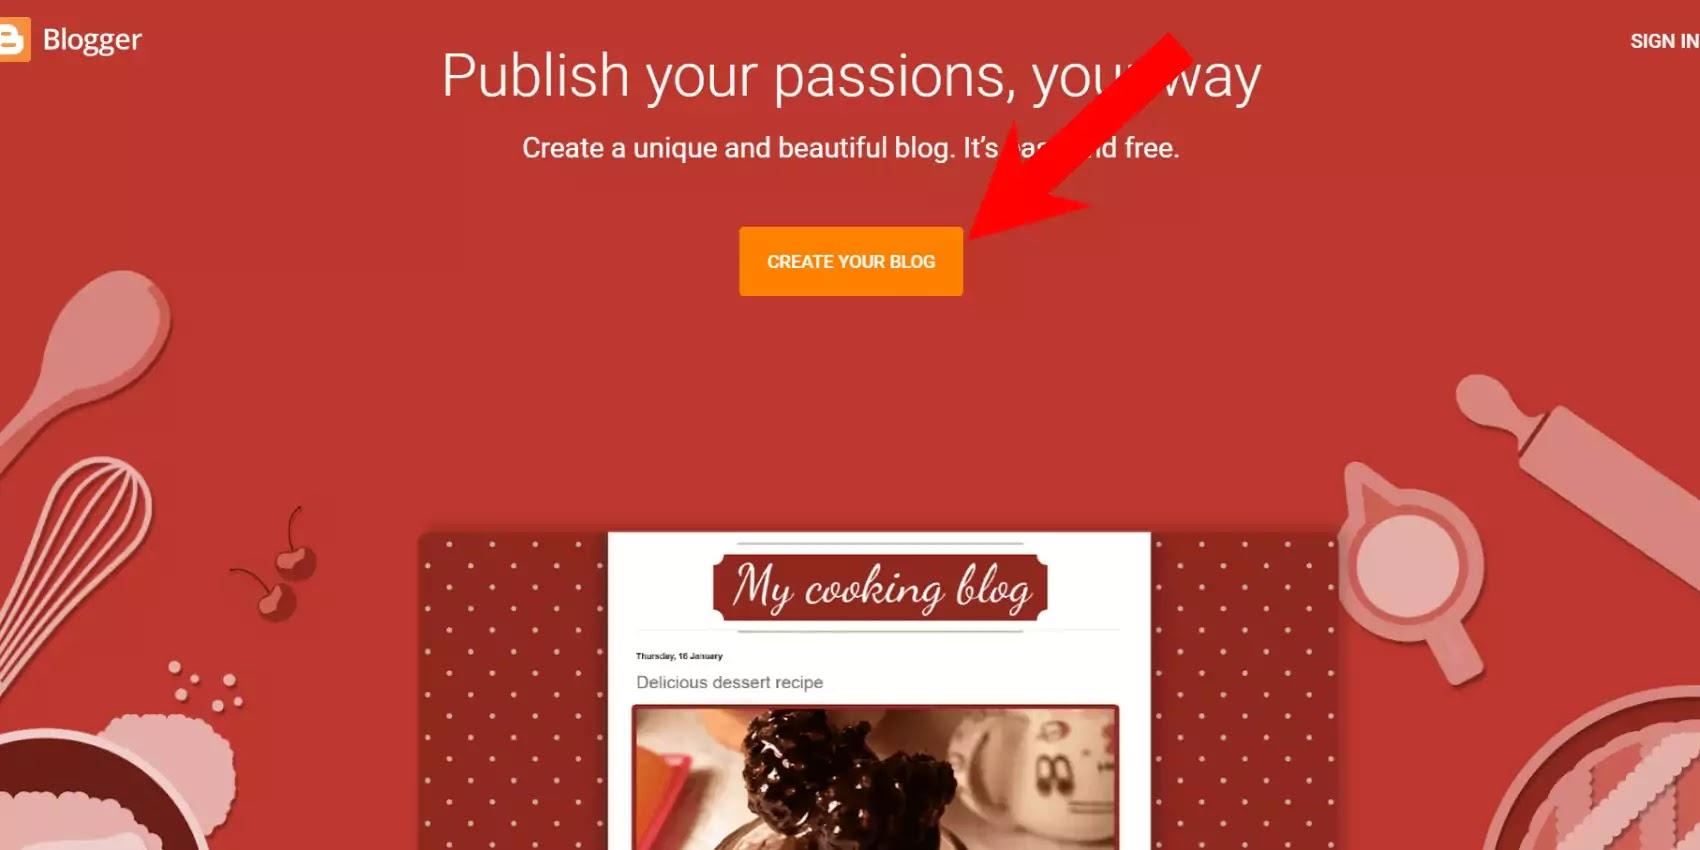 blog kaise banaye blog kaise banaye 2020 www.blogger.com in hindi mobile se blog kaise banaye